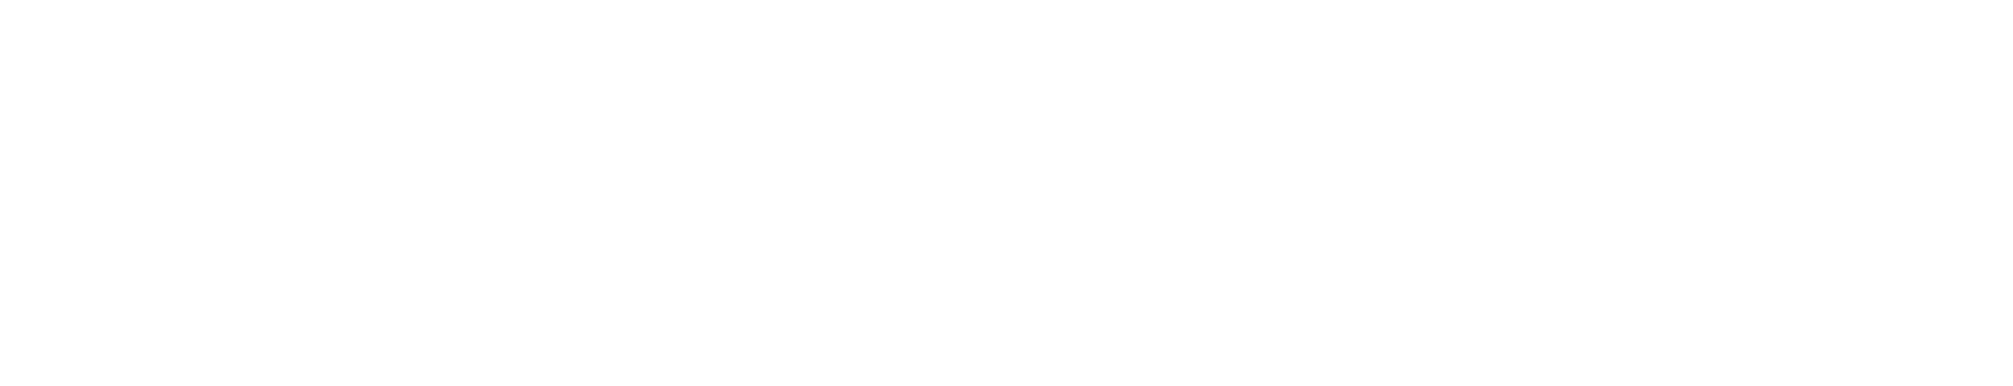 EU support logos